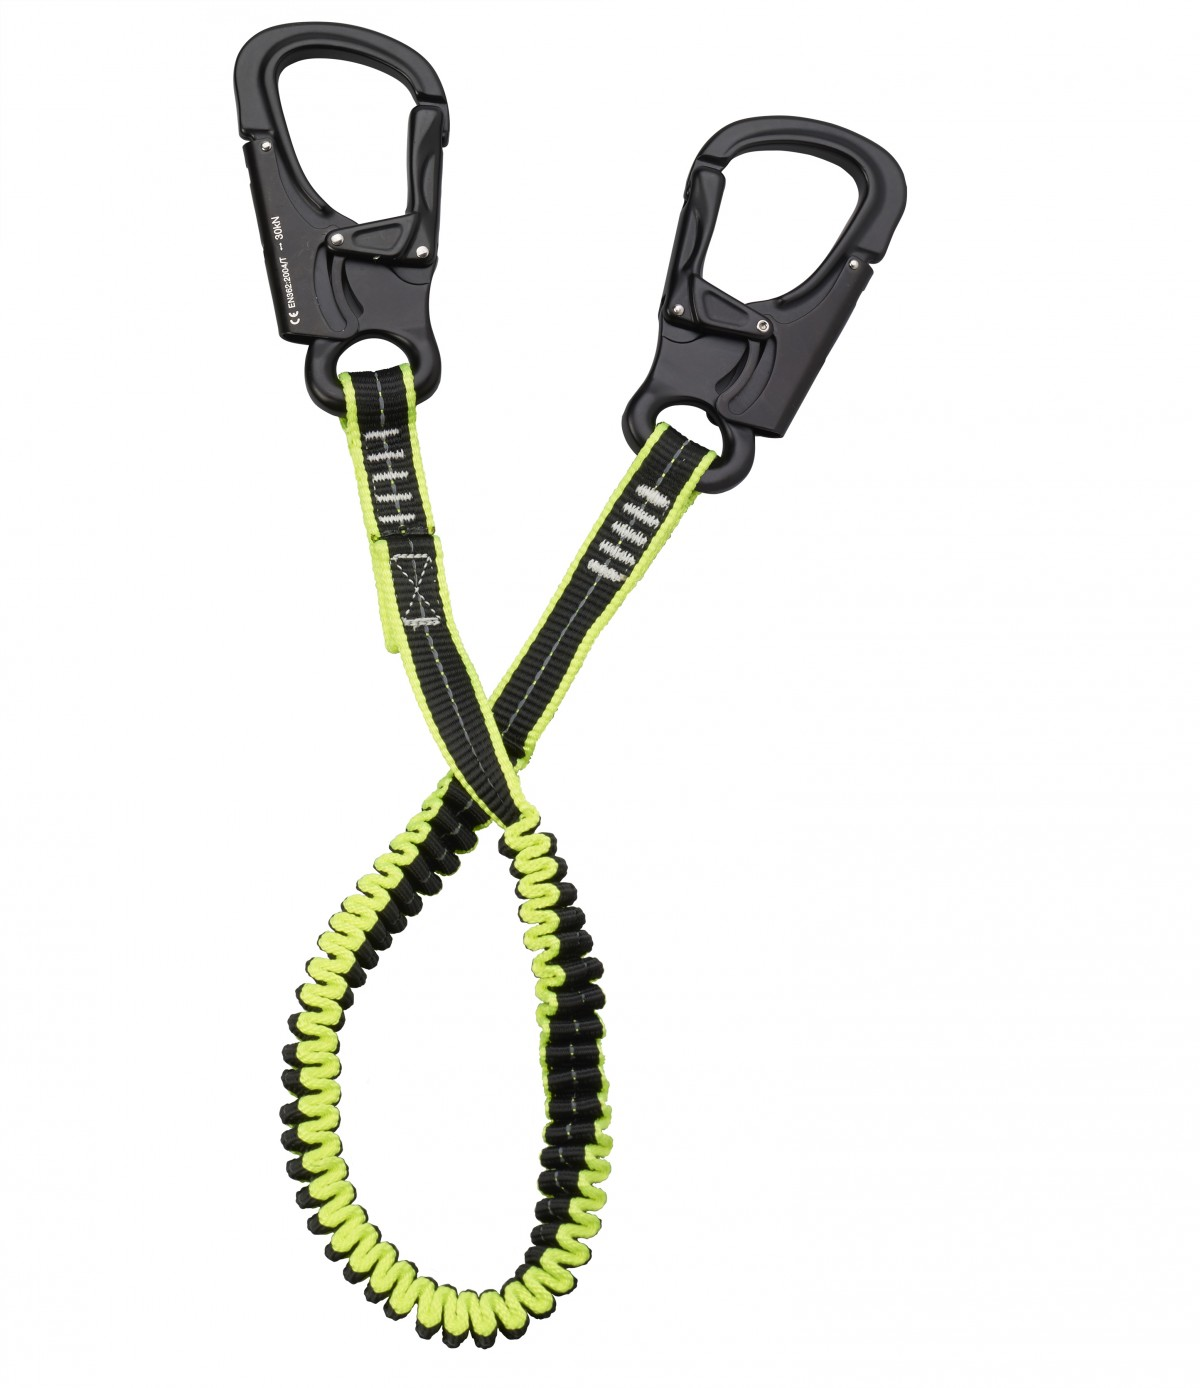 Plastimo Lifeline elastisch mit 2 Sicherheitshaken